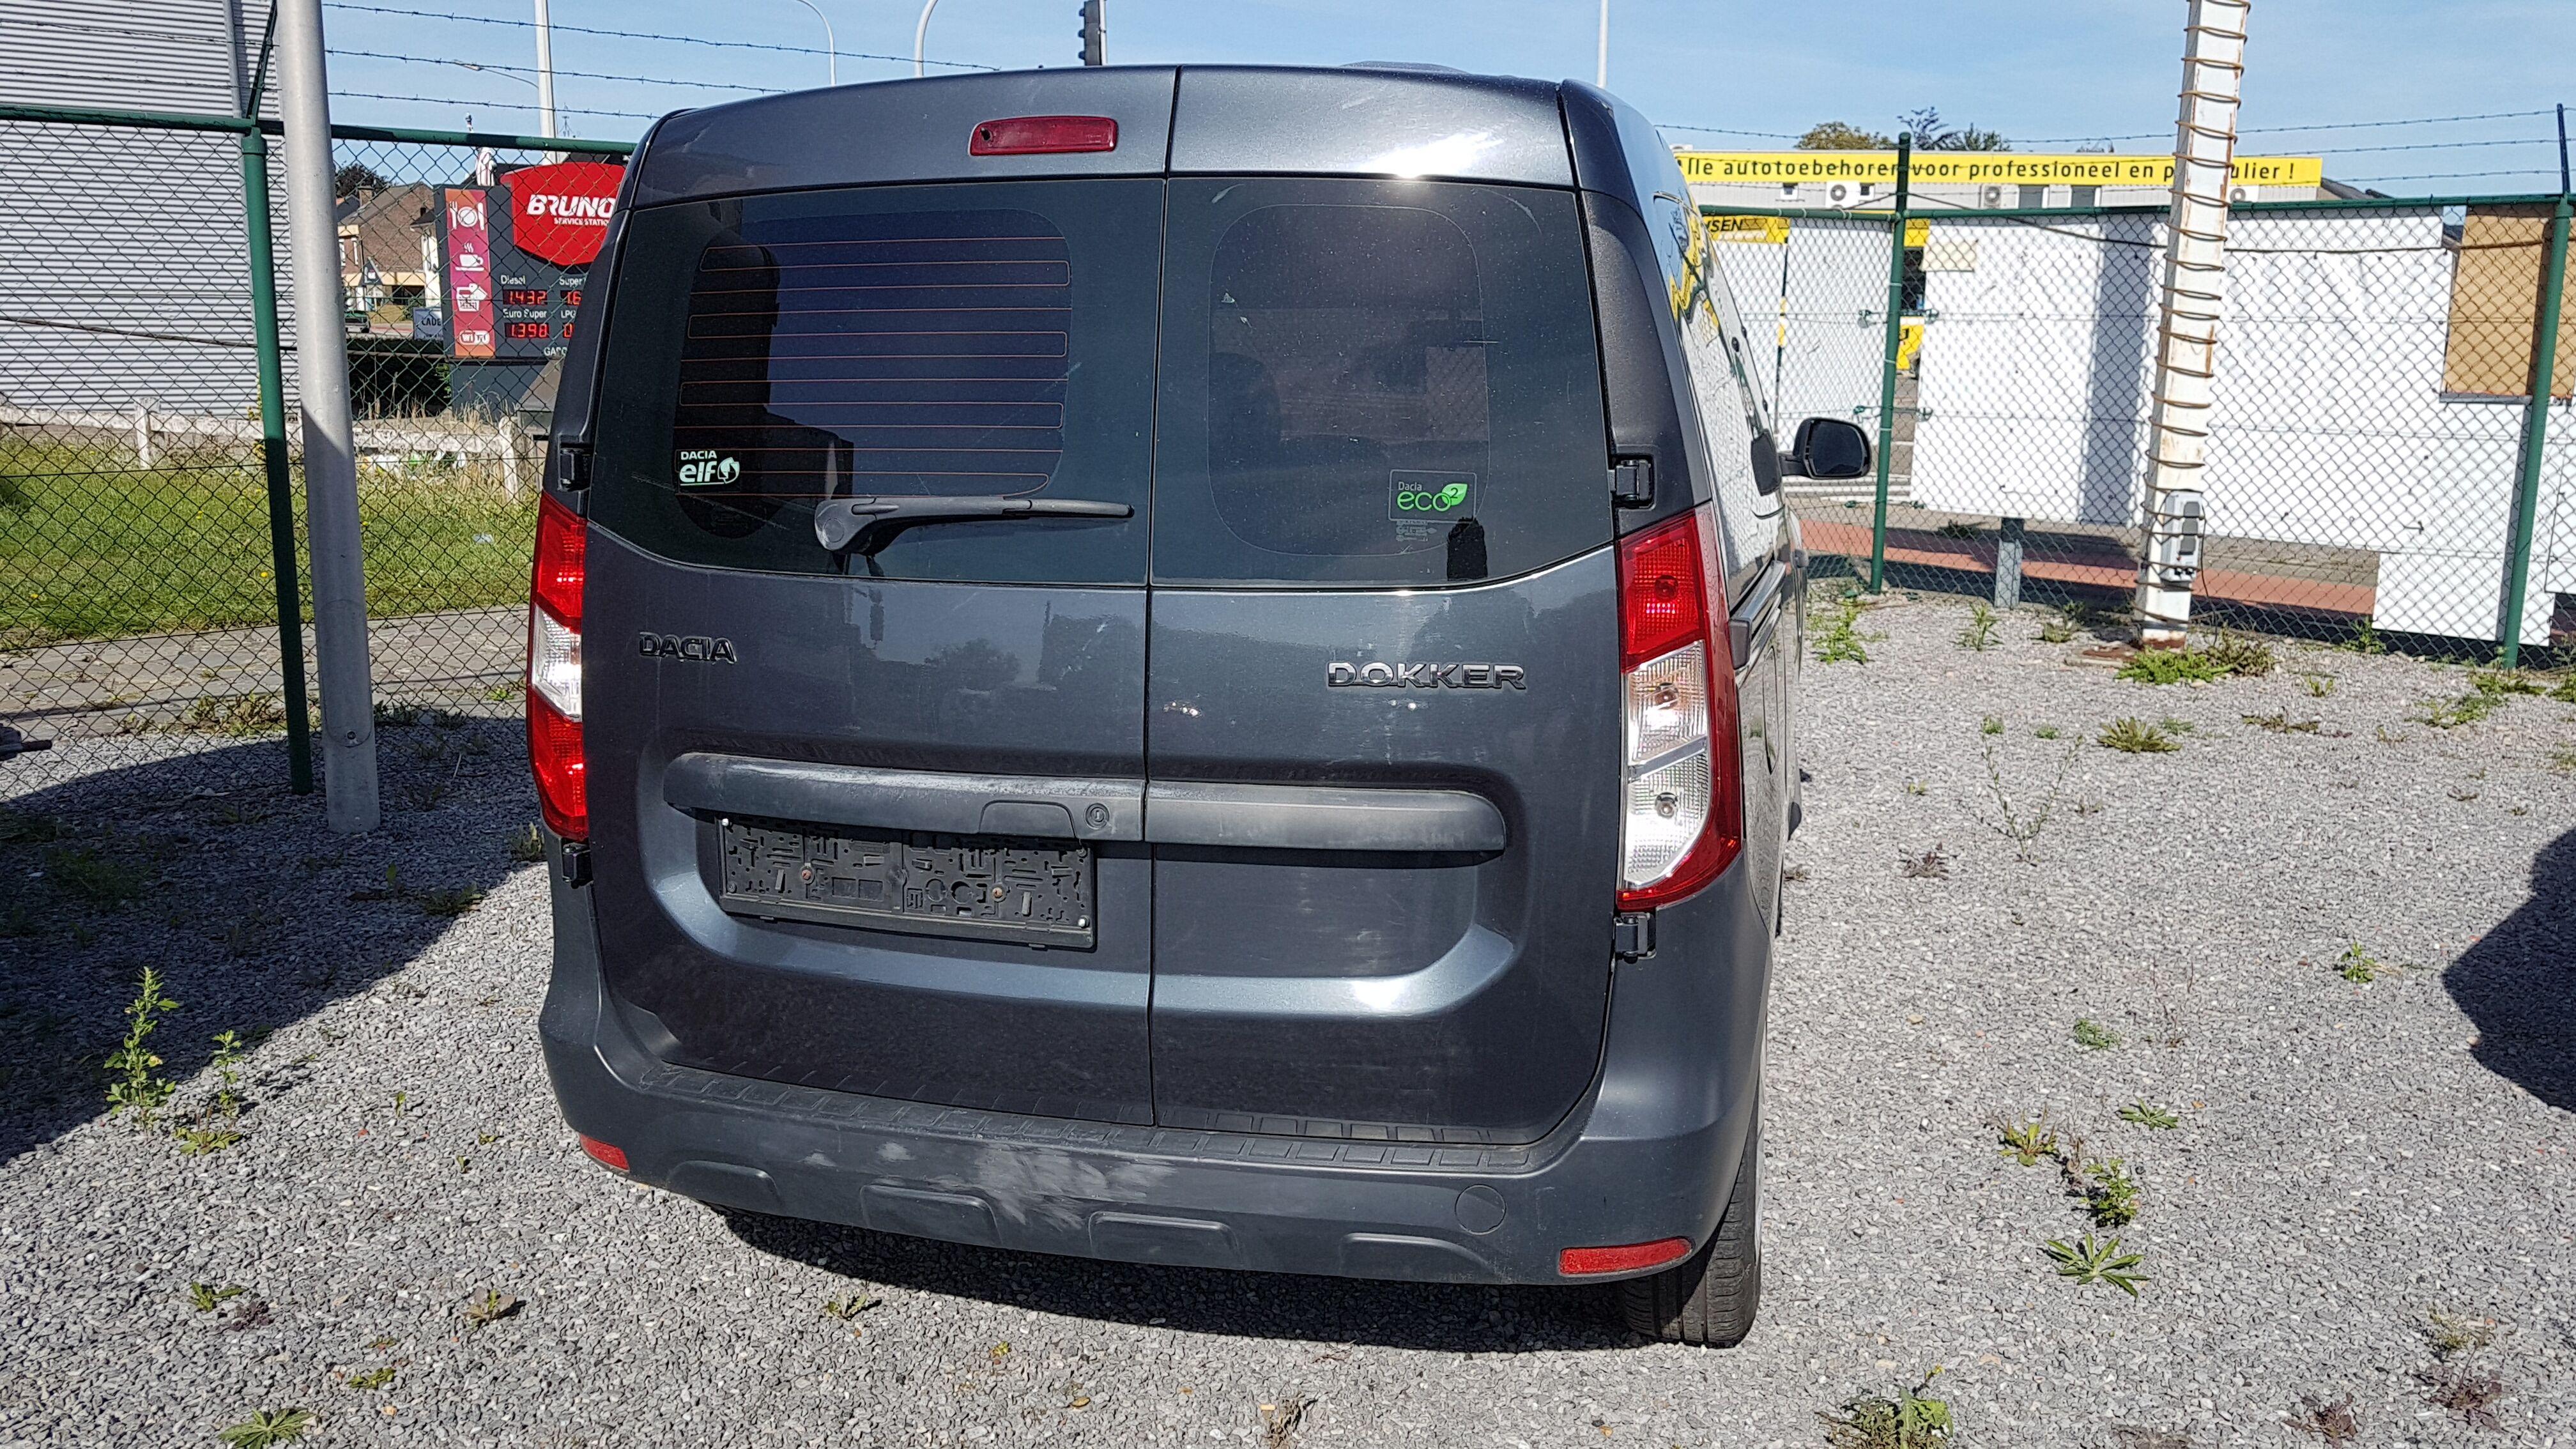 Dacia Dokker Dacia dokker Euro 5 2/8